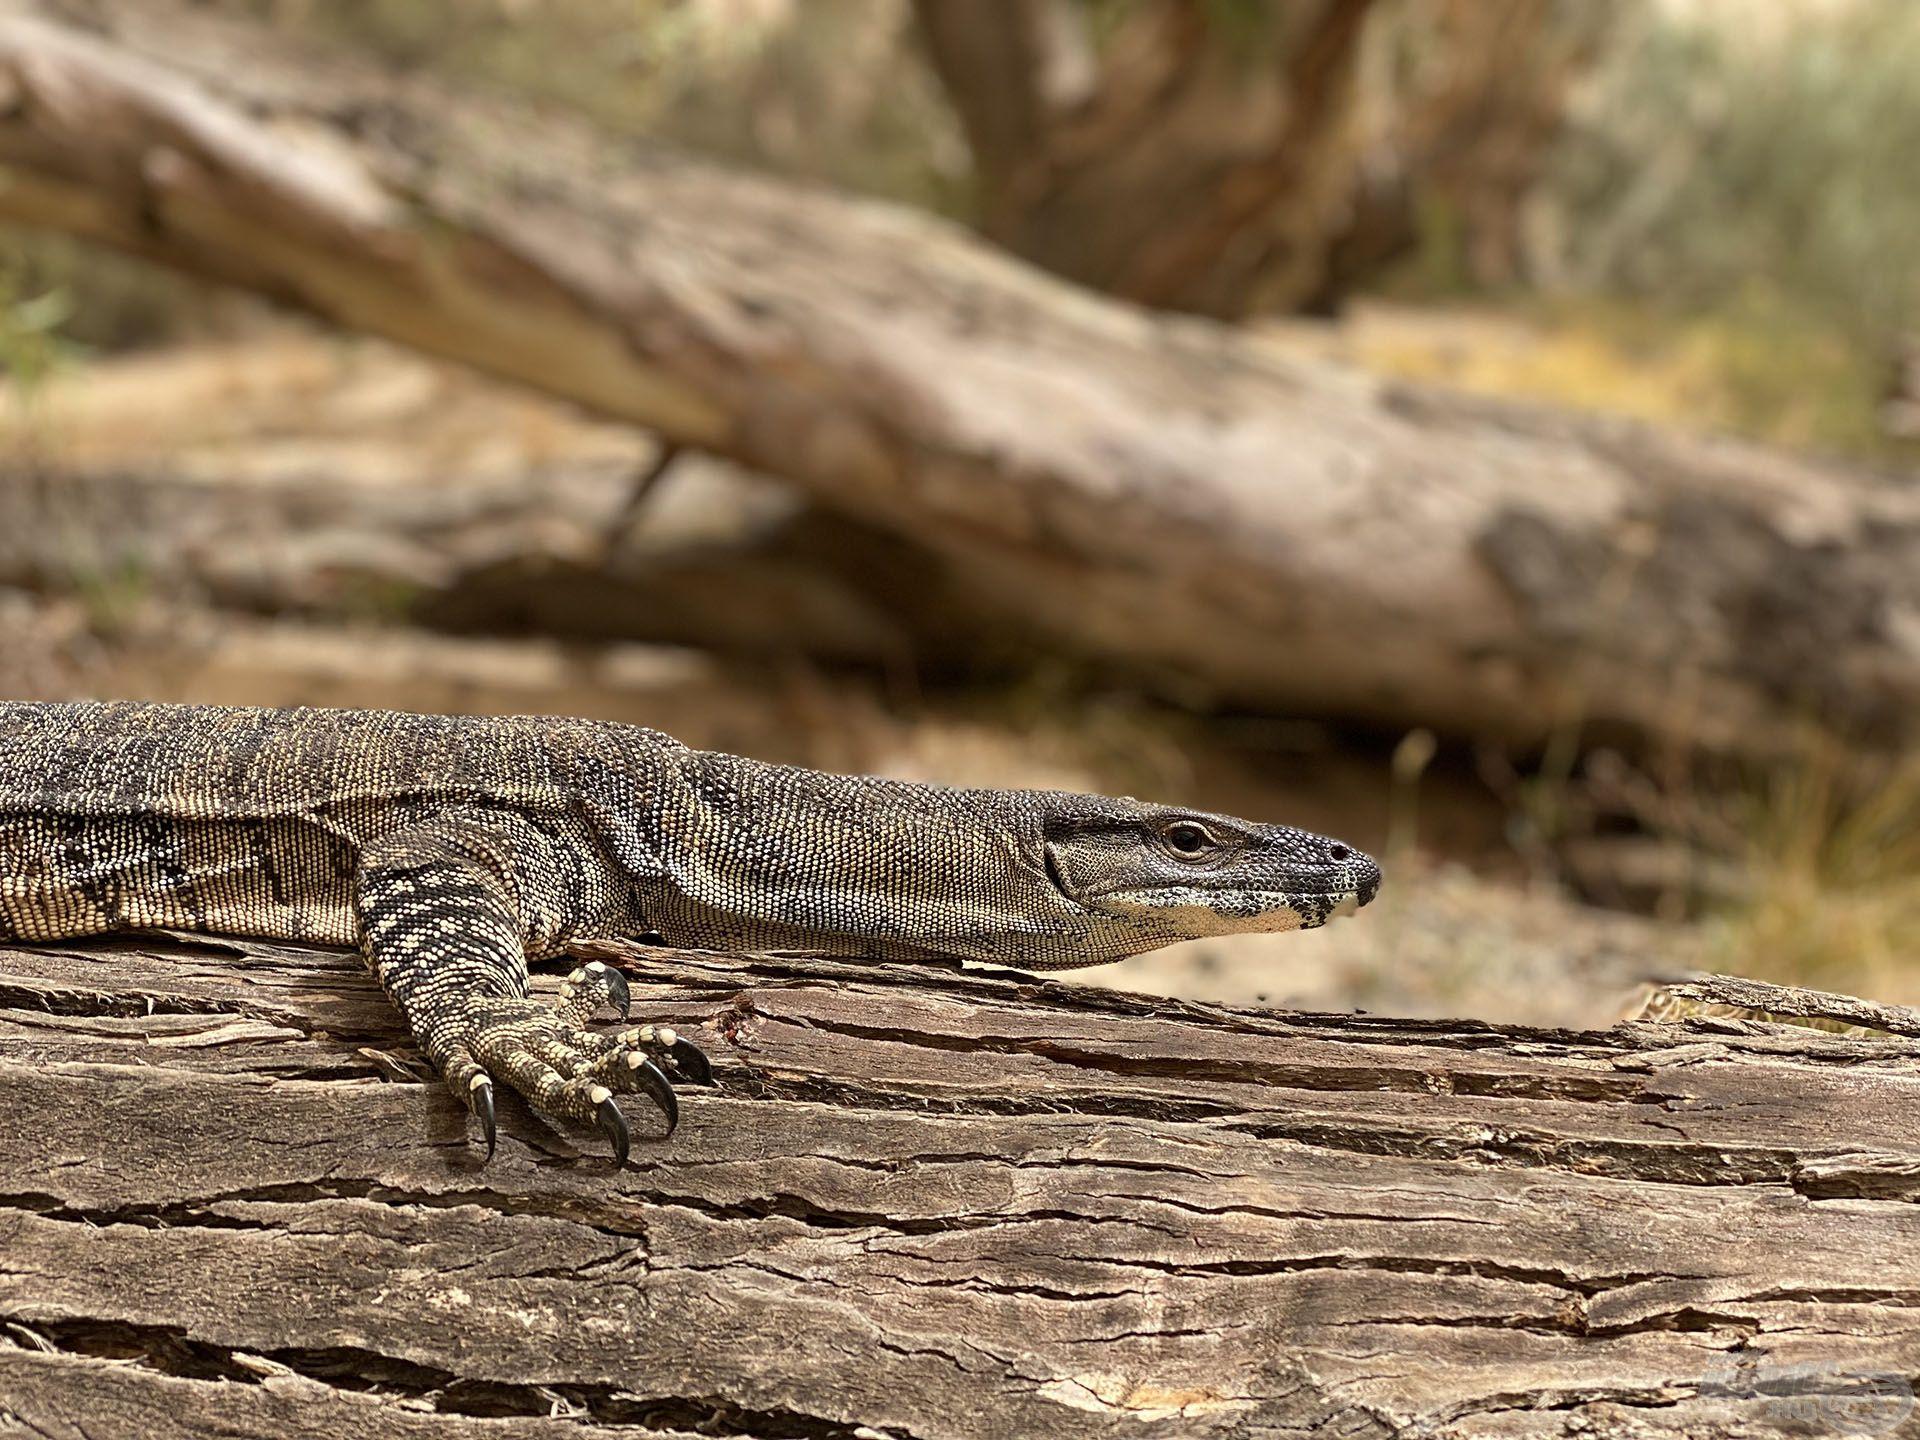 Valaki mindig figyel… Ausztráliában sok mérges kígyó, pók, krokodil és jó néhány egyéb más állat veszélyezteti akár az ember életét is. Ez nem vicc!!!